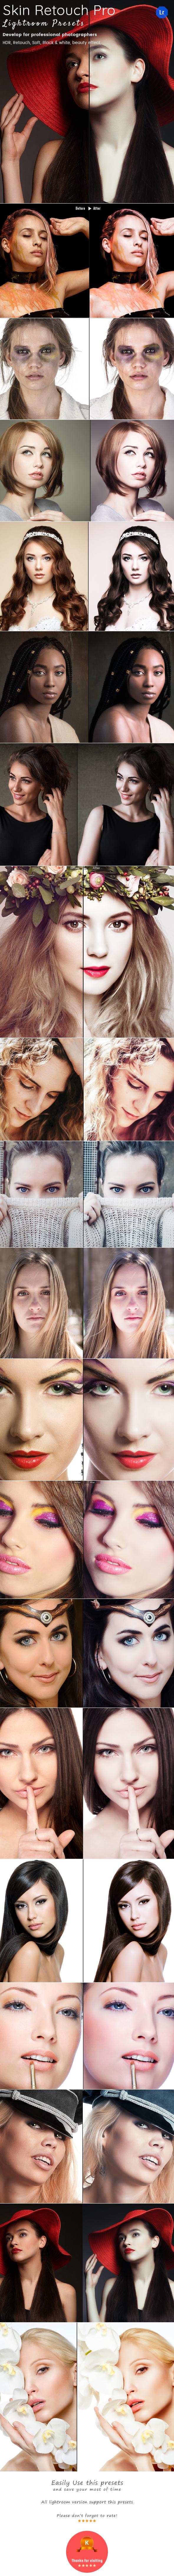 Skin Retouch Pro Lightroom Presets - Lightroom Presets Add-ons